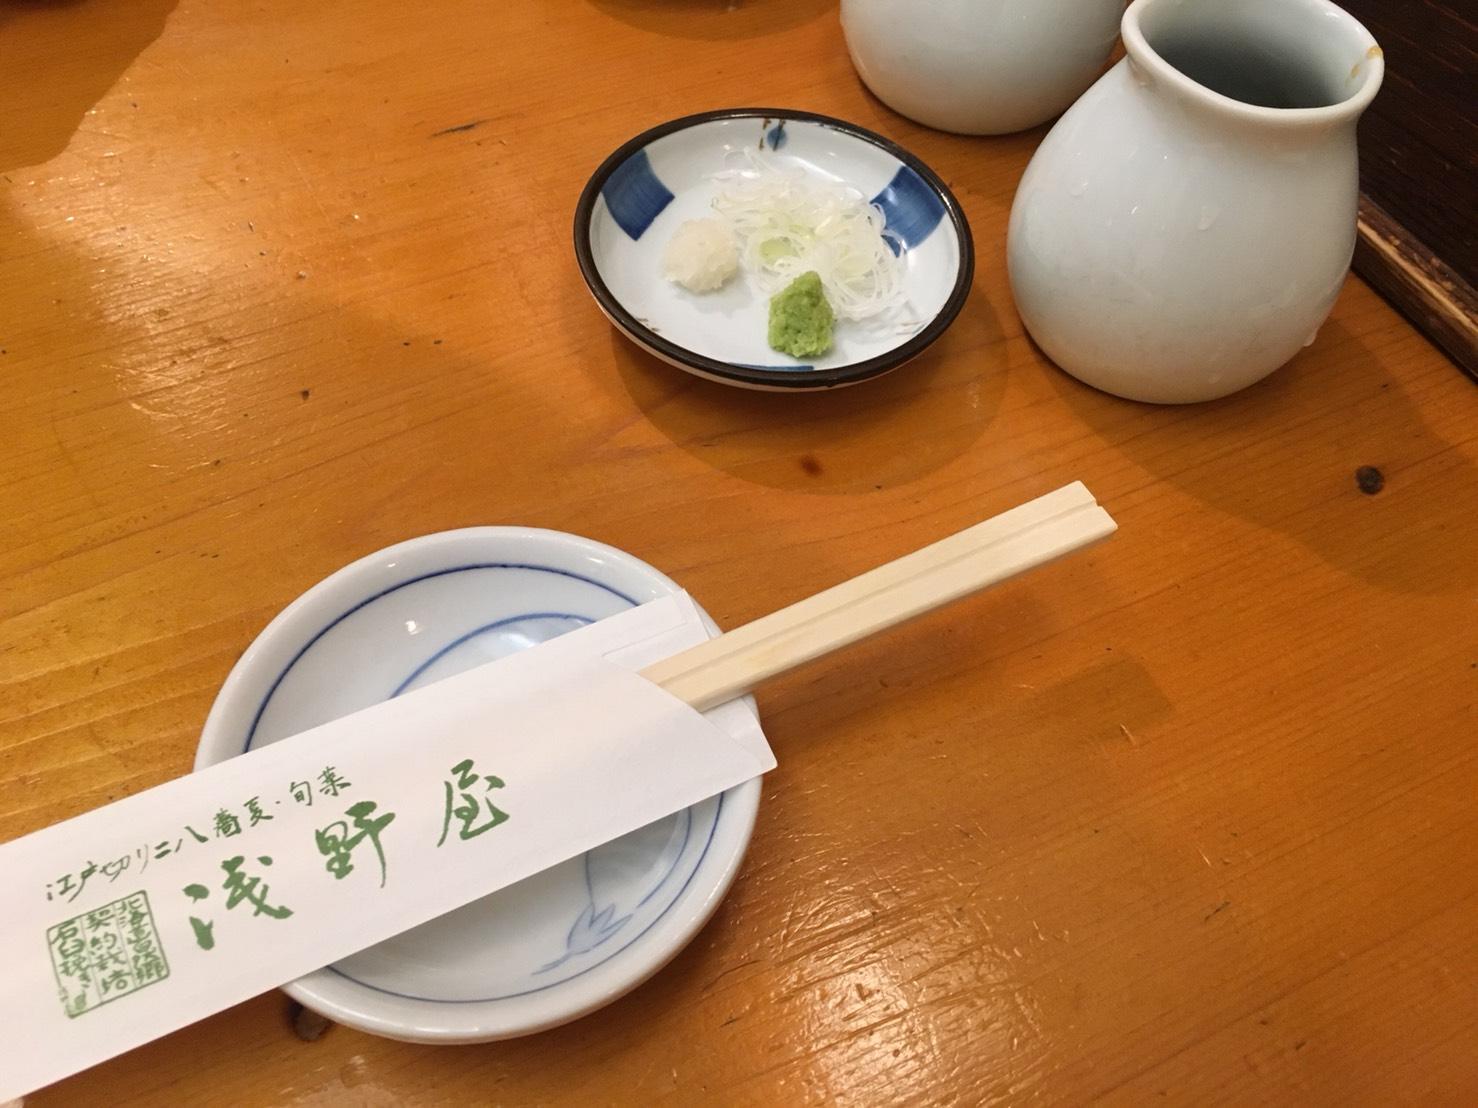 【池袋駅】生蕎麦とだし巻き玉子がしあわせ「浅野屋 池袋駅前本店」の料理待ち